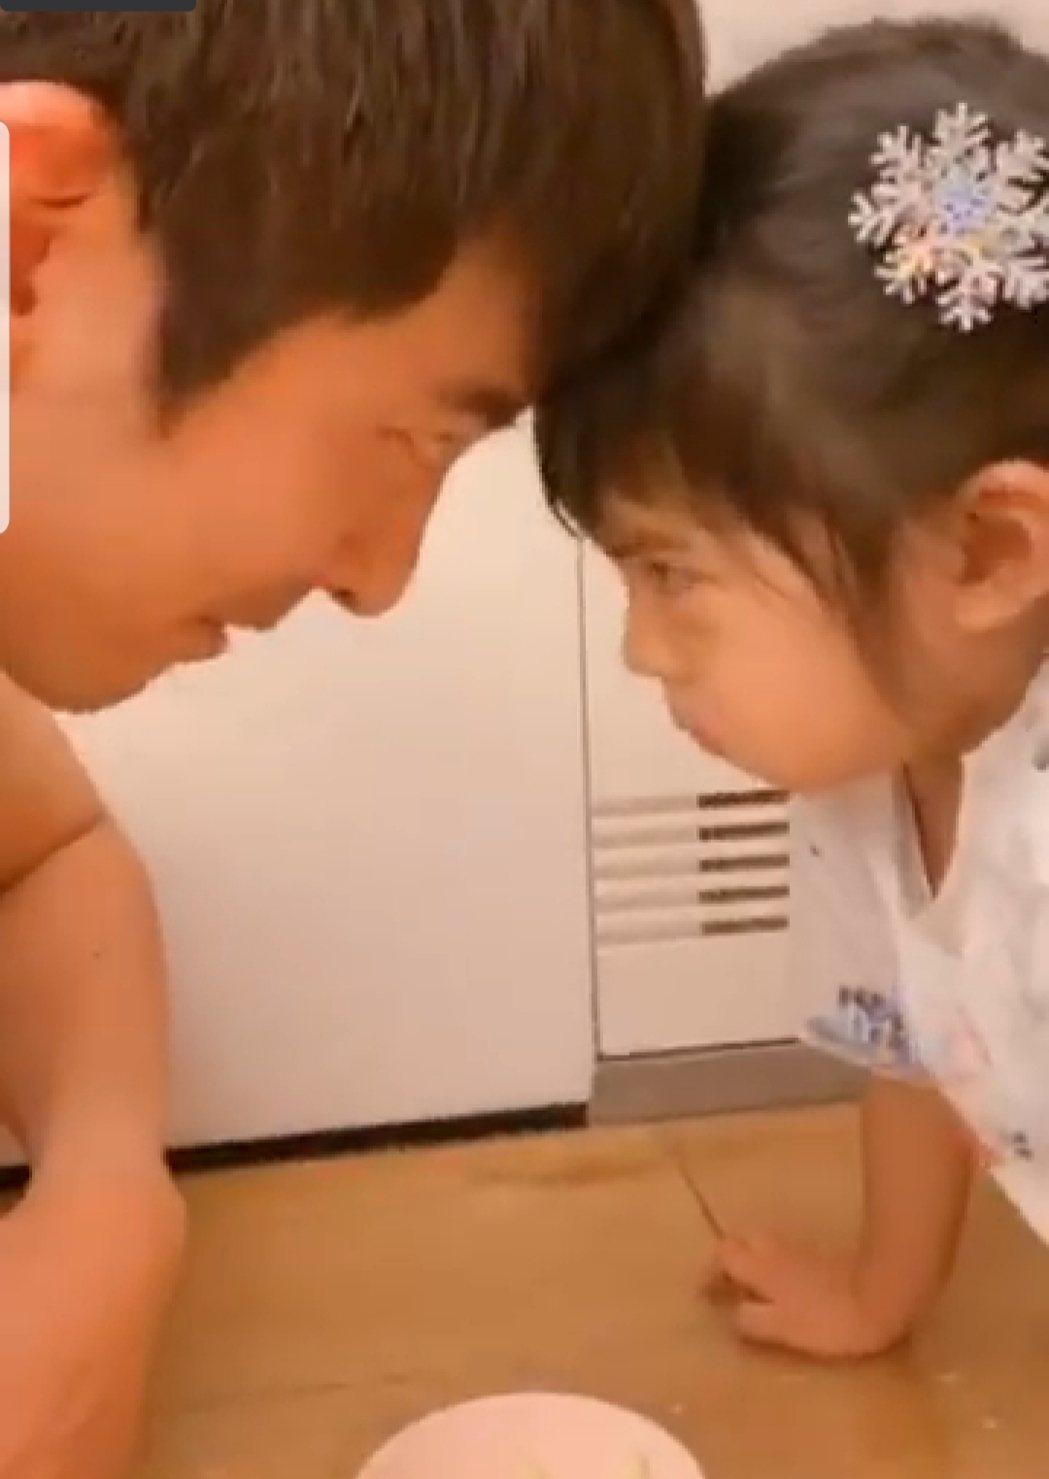 修杰楷和波妞甜蜜貼頭。圖/截圖自臉書